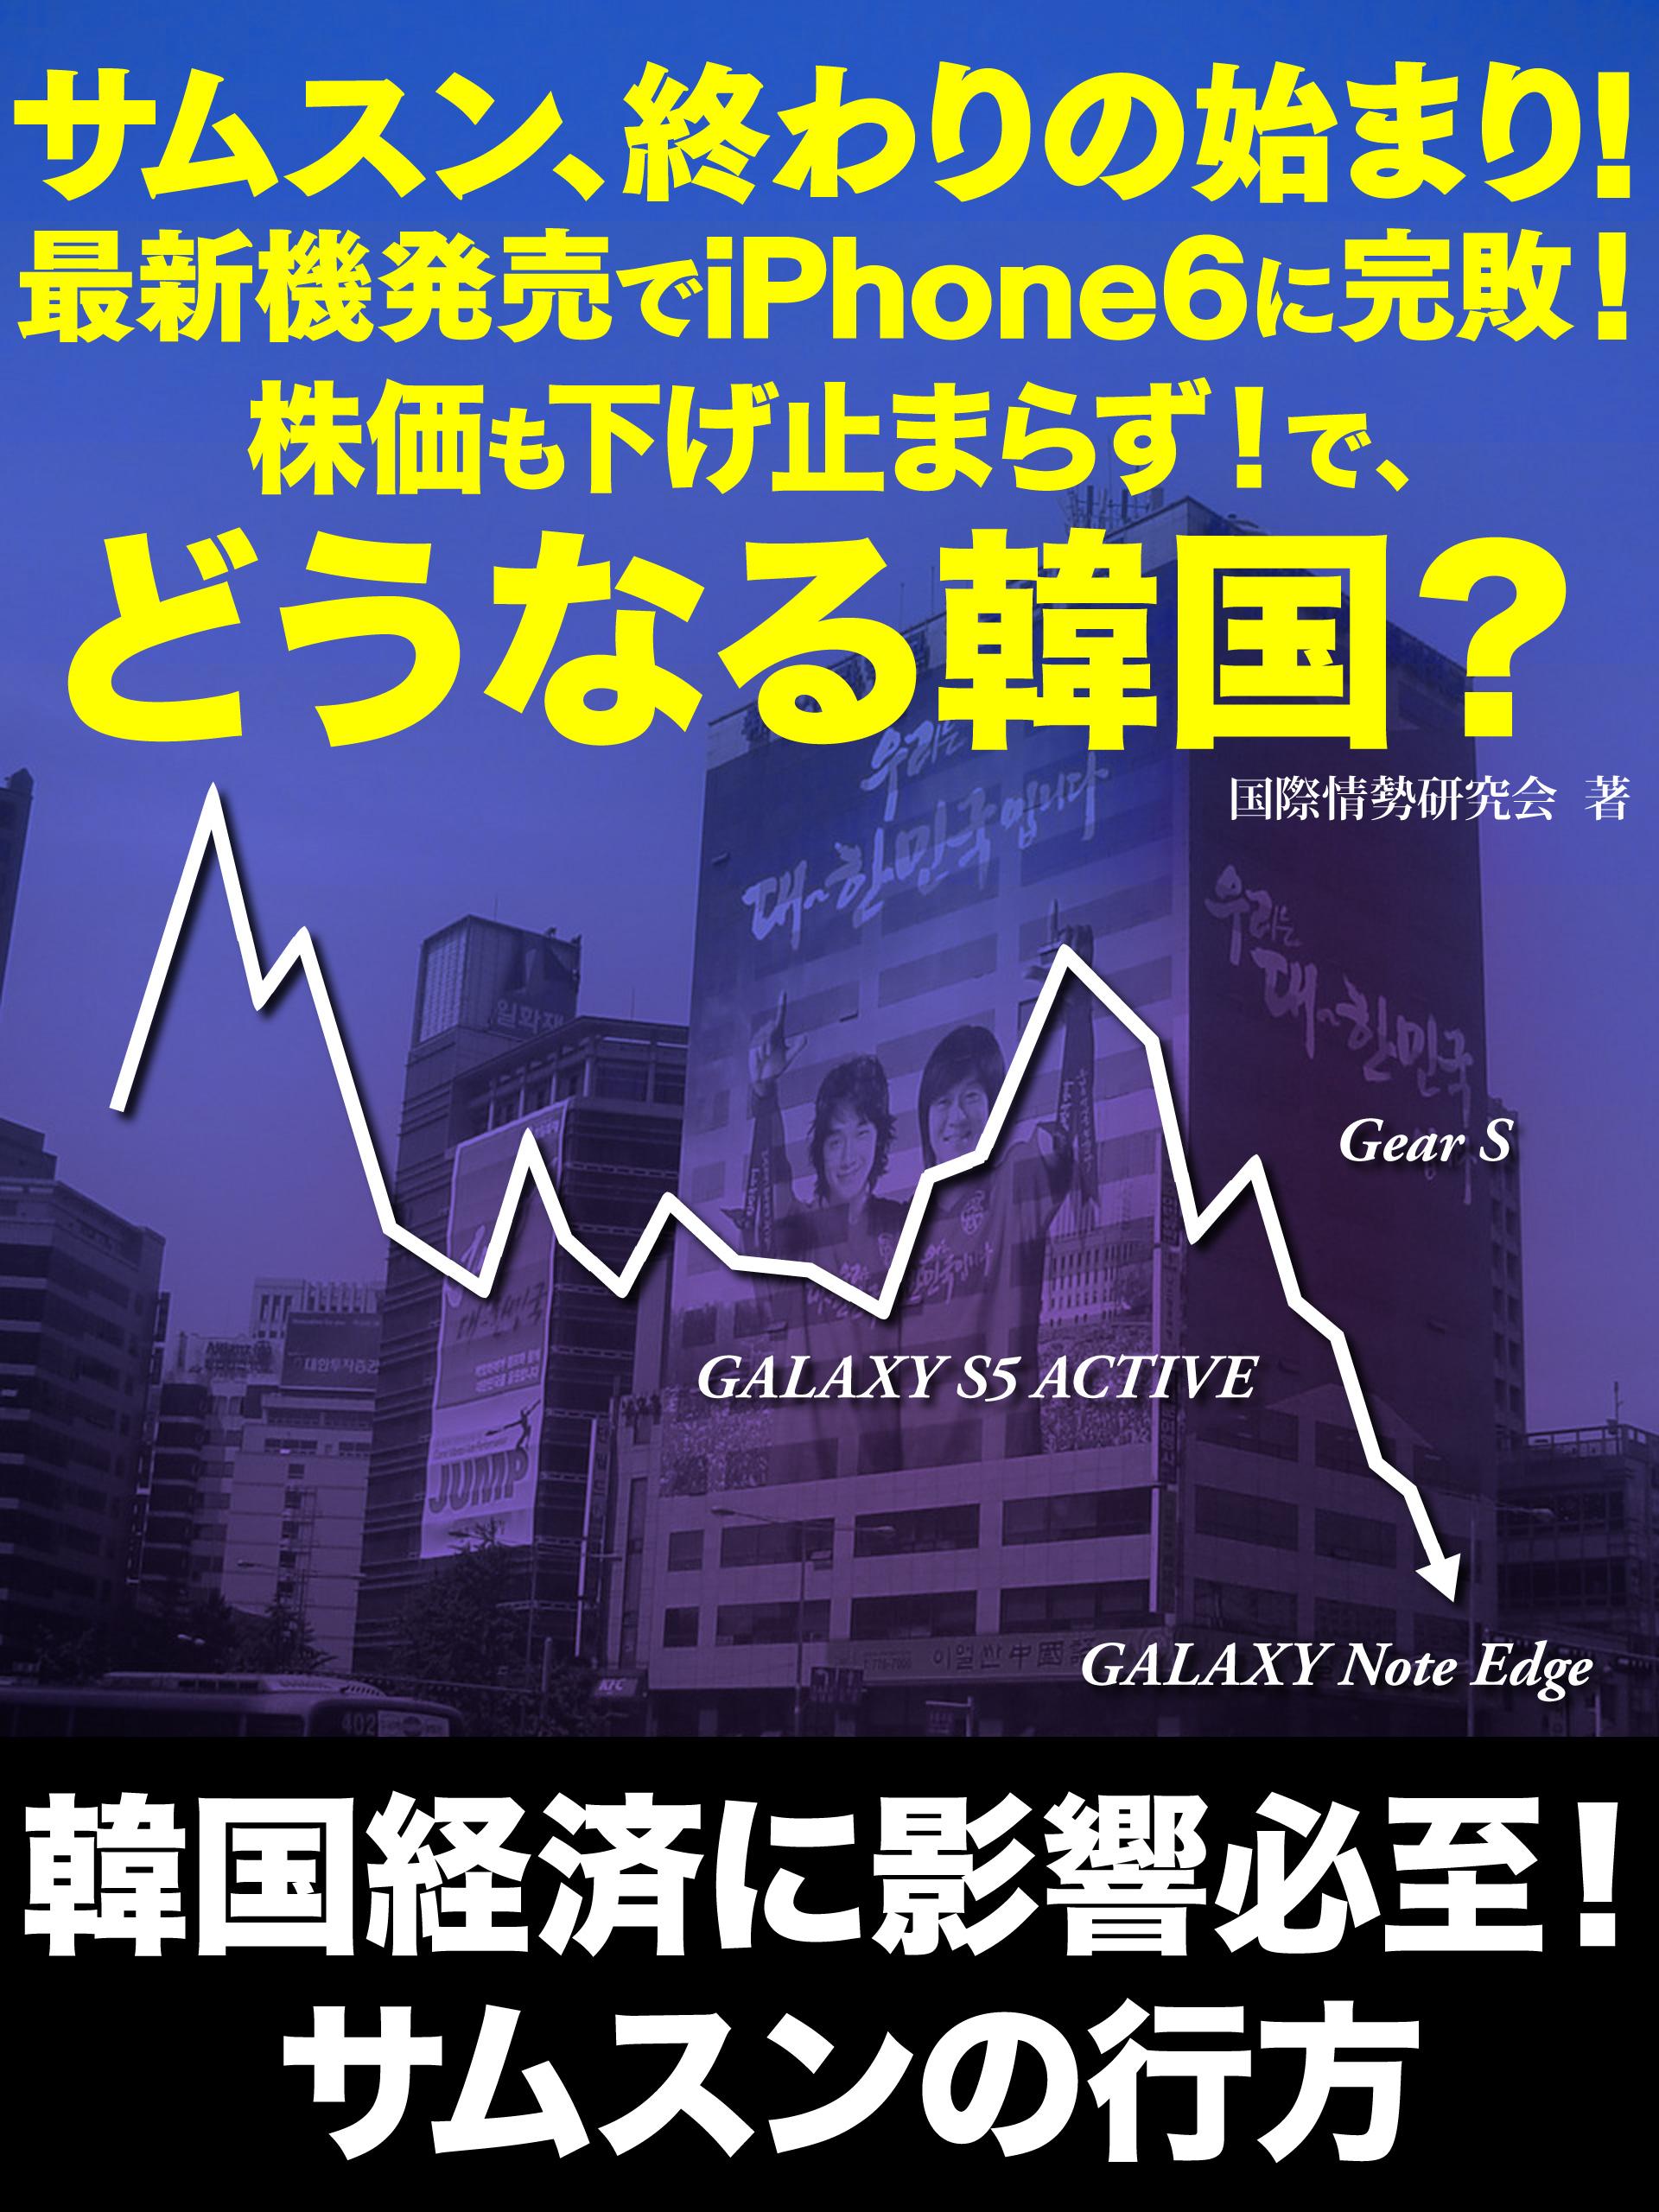 サムスン、終わりの始まり! 最新機販売でiPhone6に完敗! 株価も下げ止まらず!で、どうなる韓国?